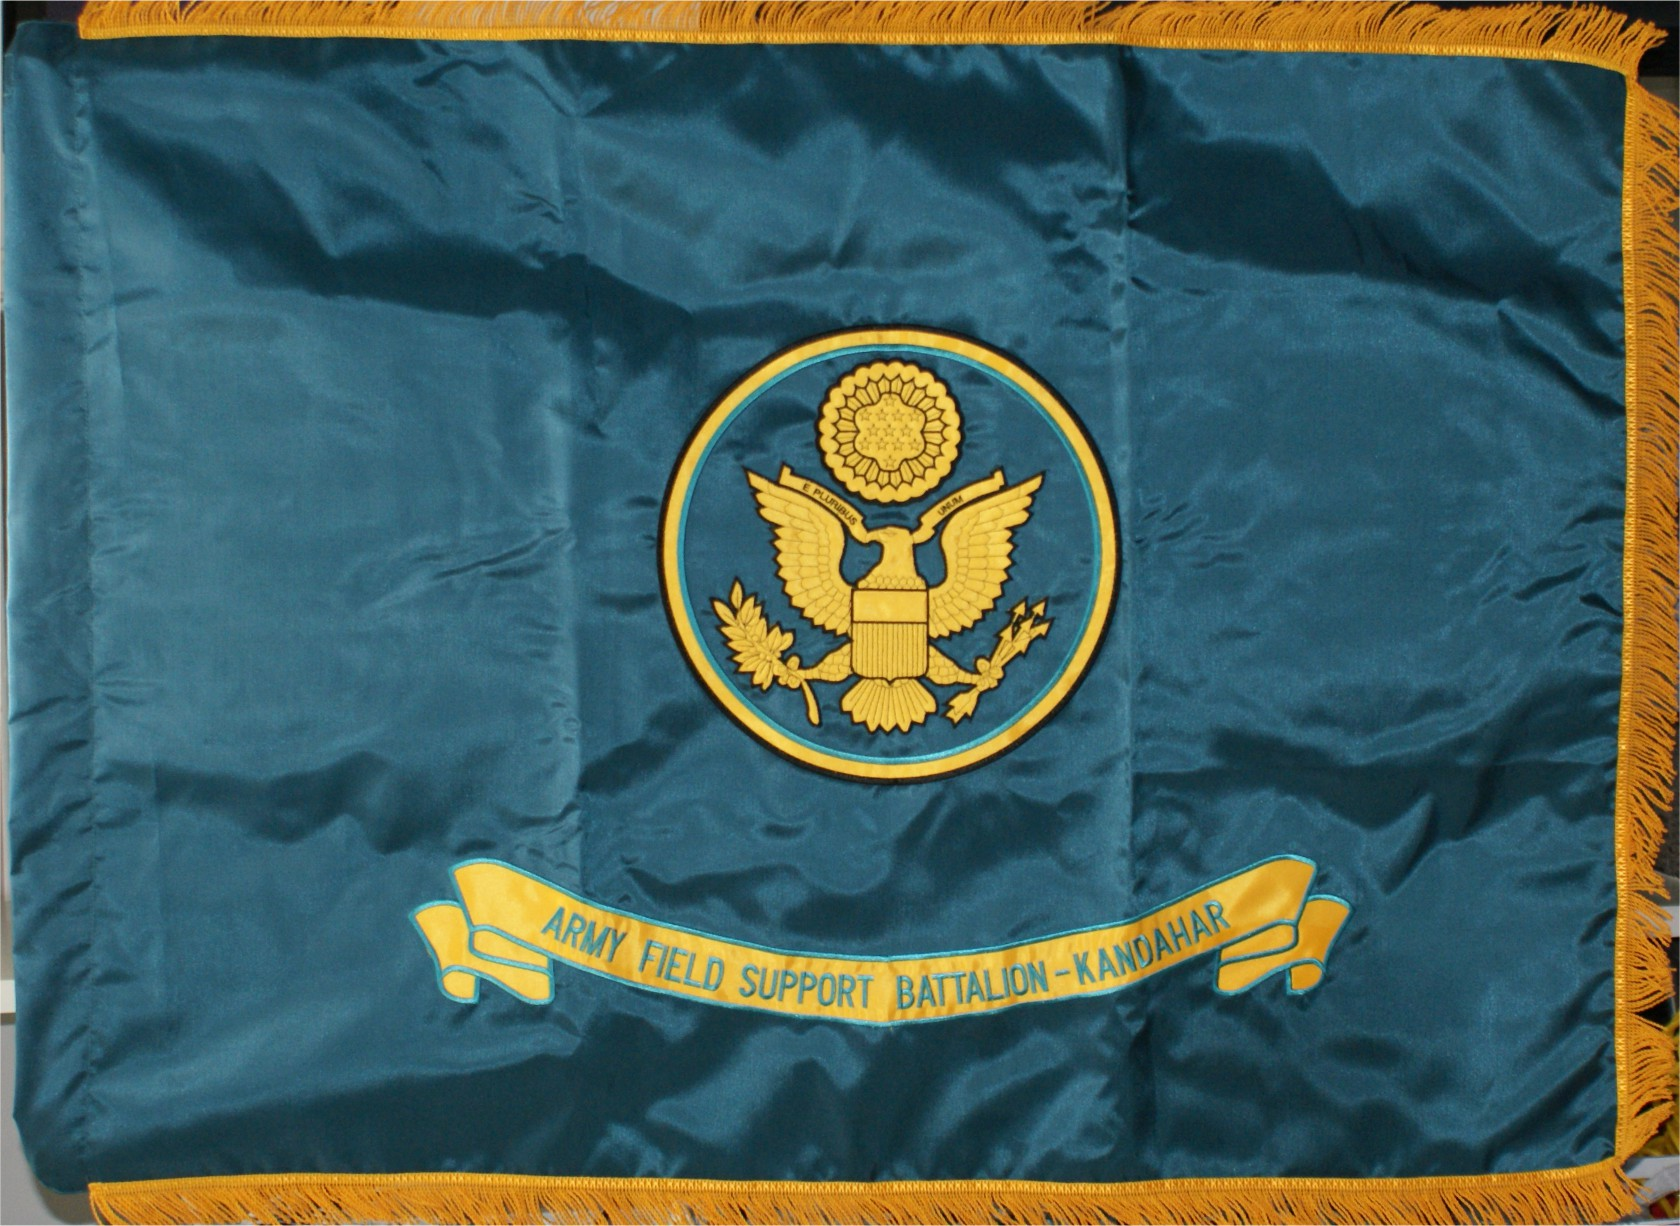 AFSBN FLAG